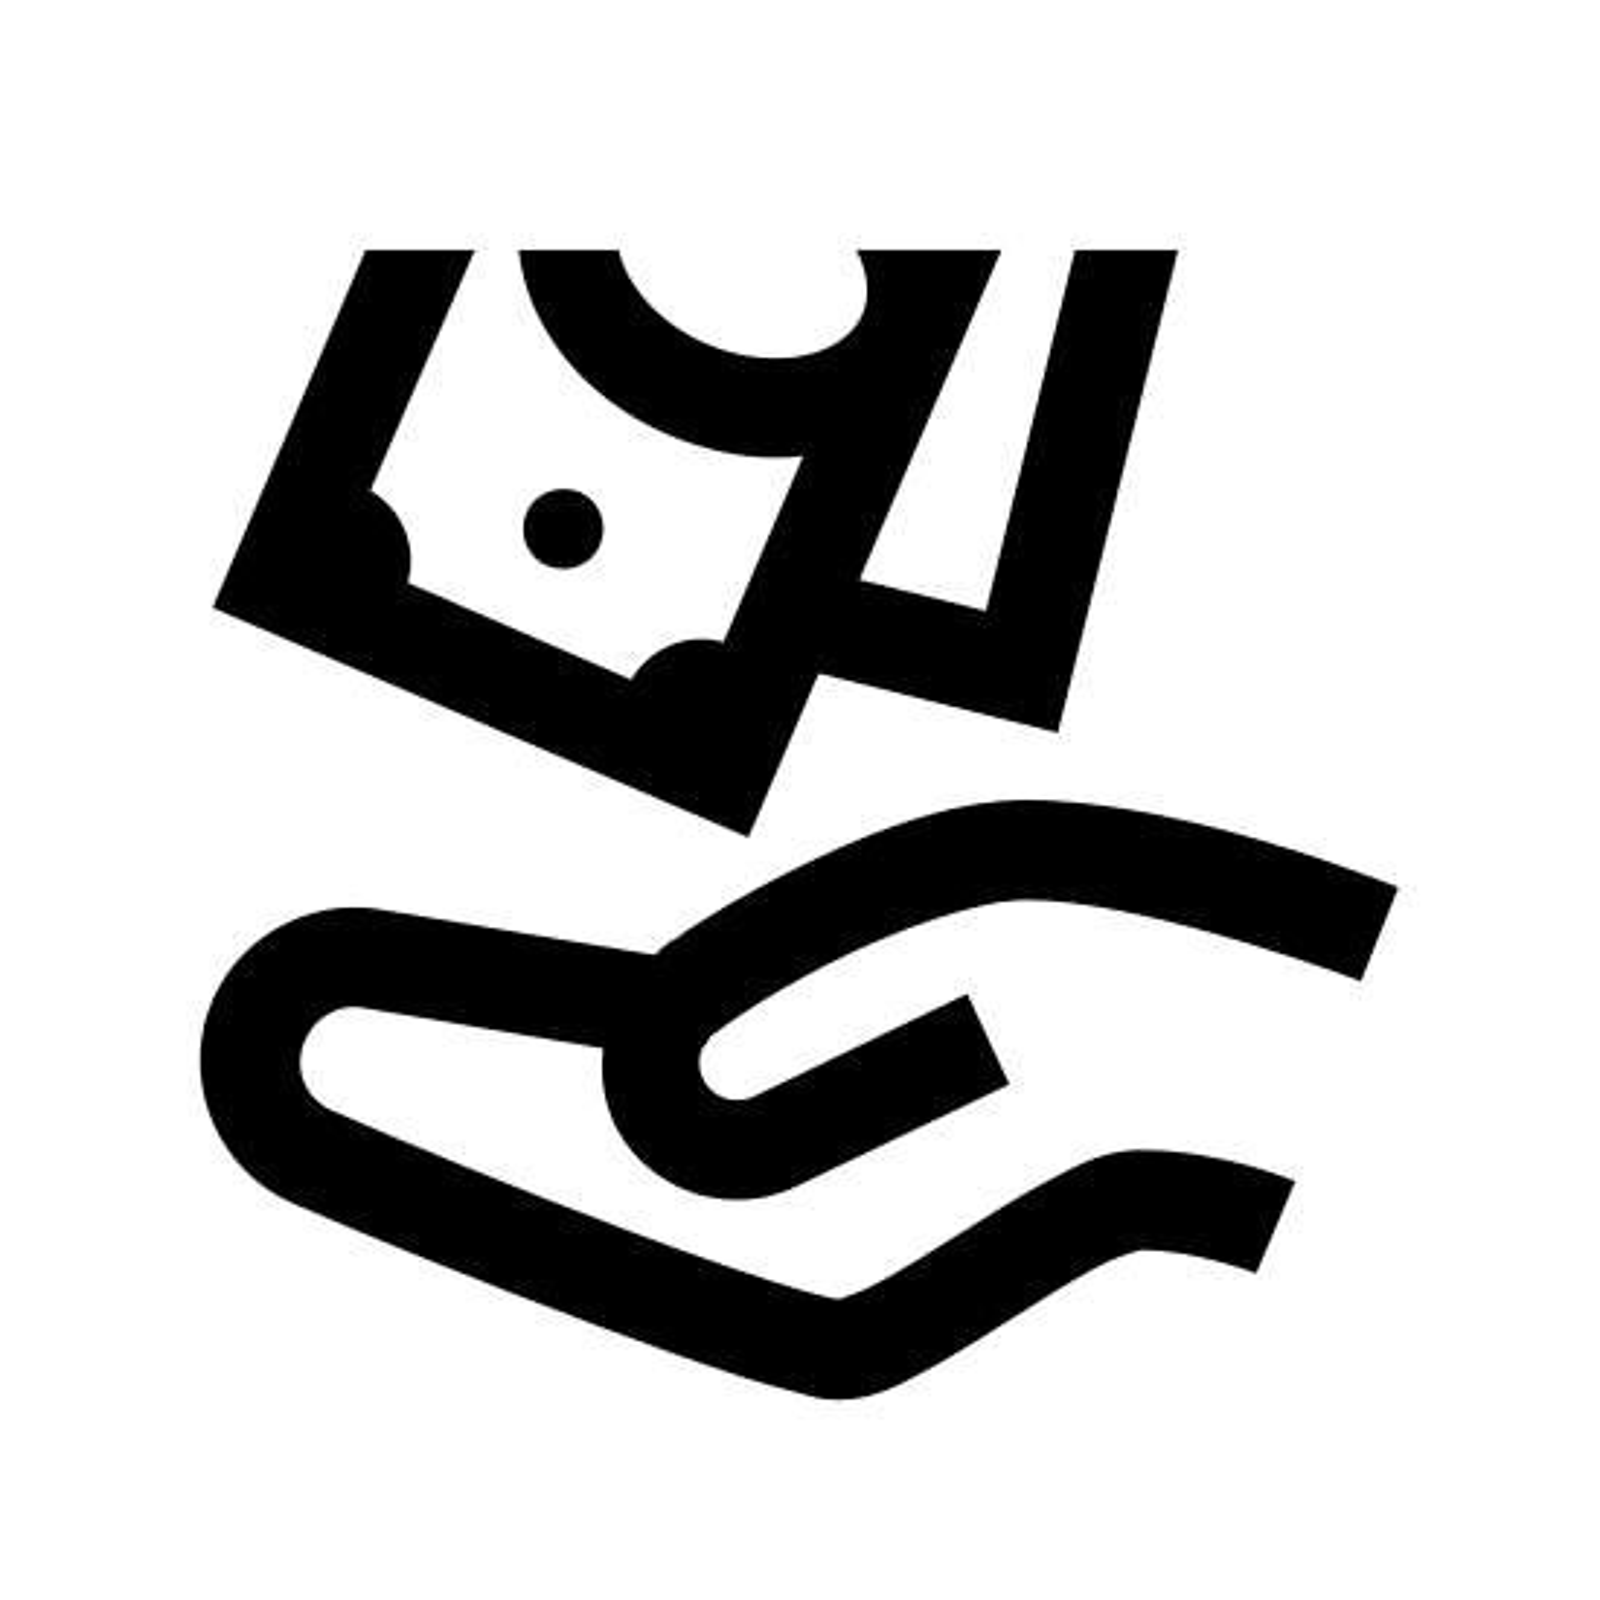 退款 icon. It's a logo of a hand on the bottom with money falling into it. The hand is facing upward to receive the money and the wrist is on the right and the fingers pointing to the left. There are two bills of money going to the hand from the top.